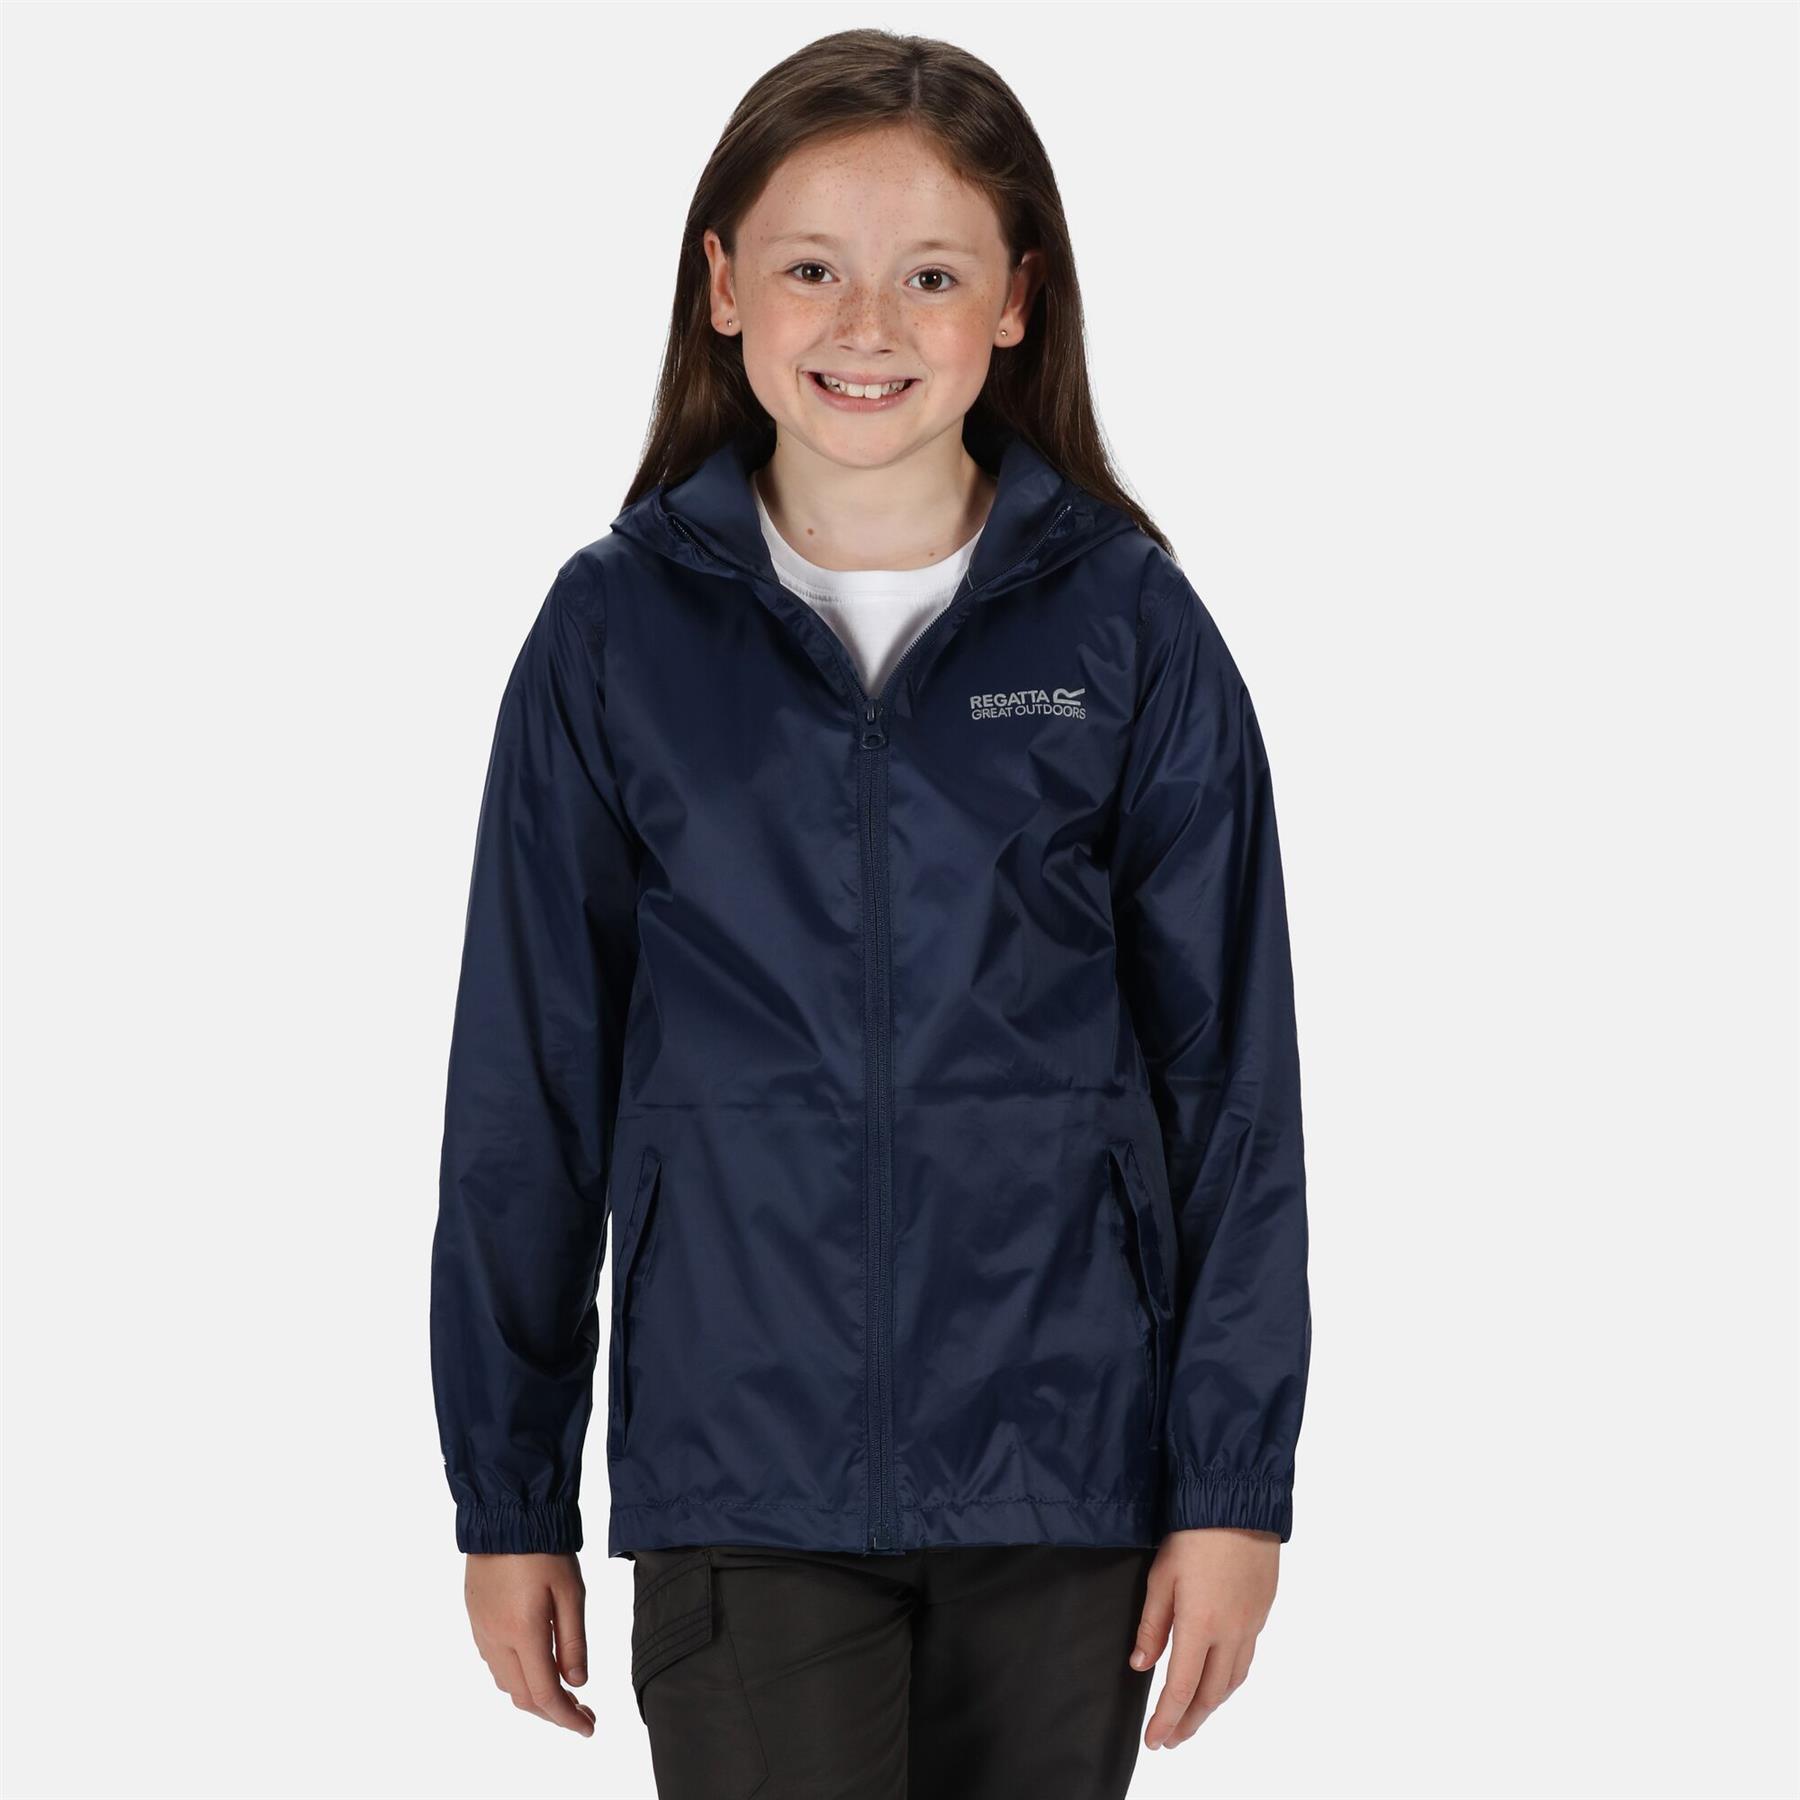 miniatuur 15 - Regatta Kids Pack it Jacket II Lightweight Waterproof Packaway Jacket Boys Girls